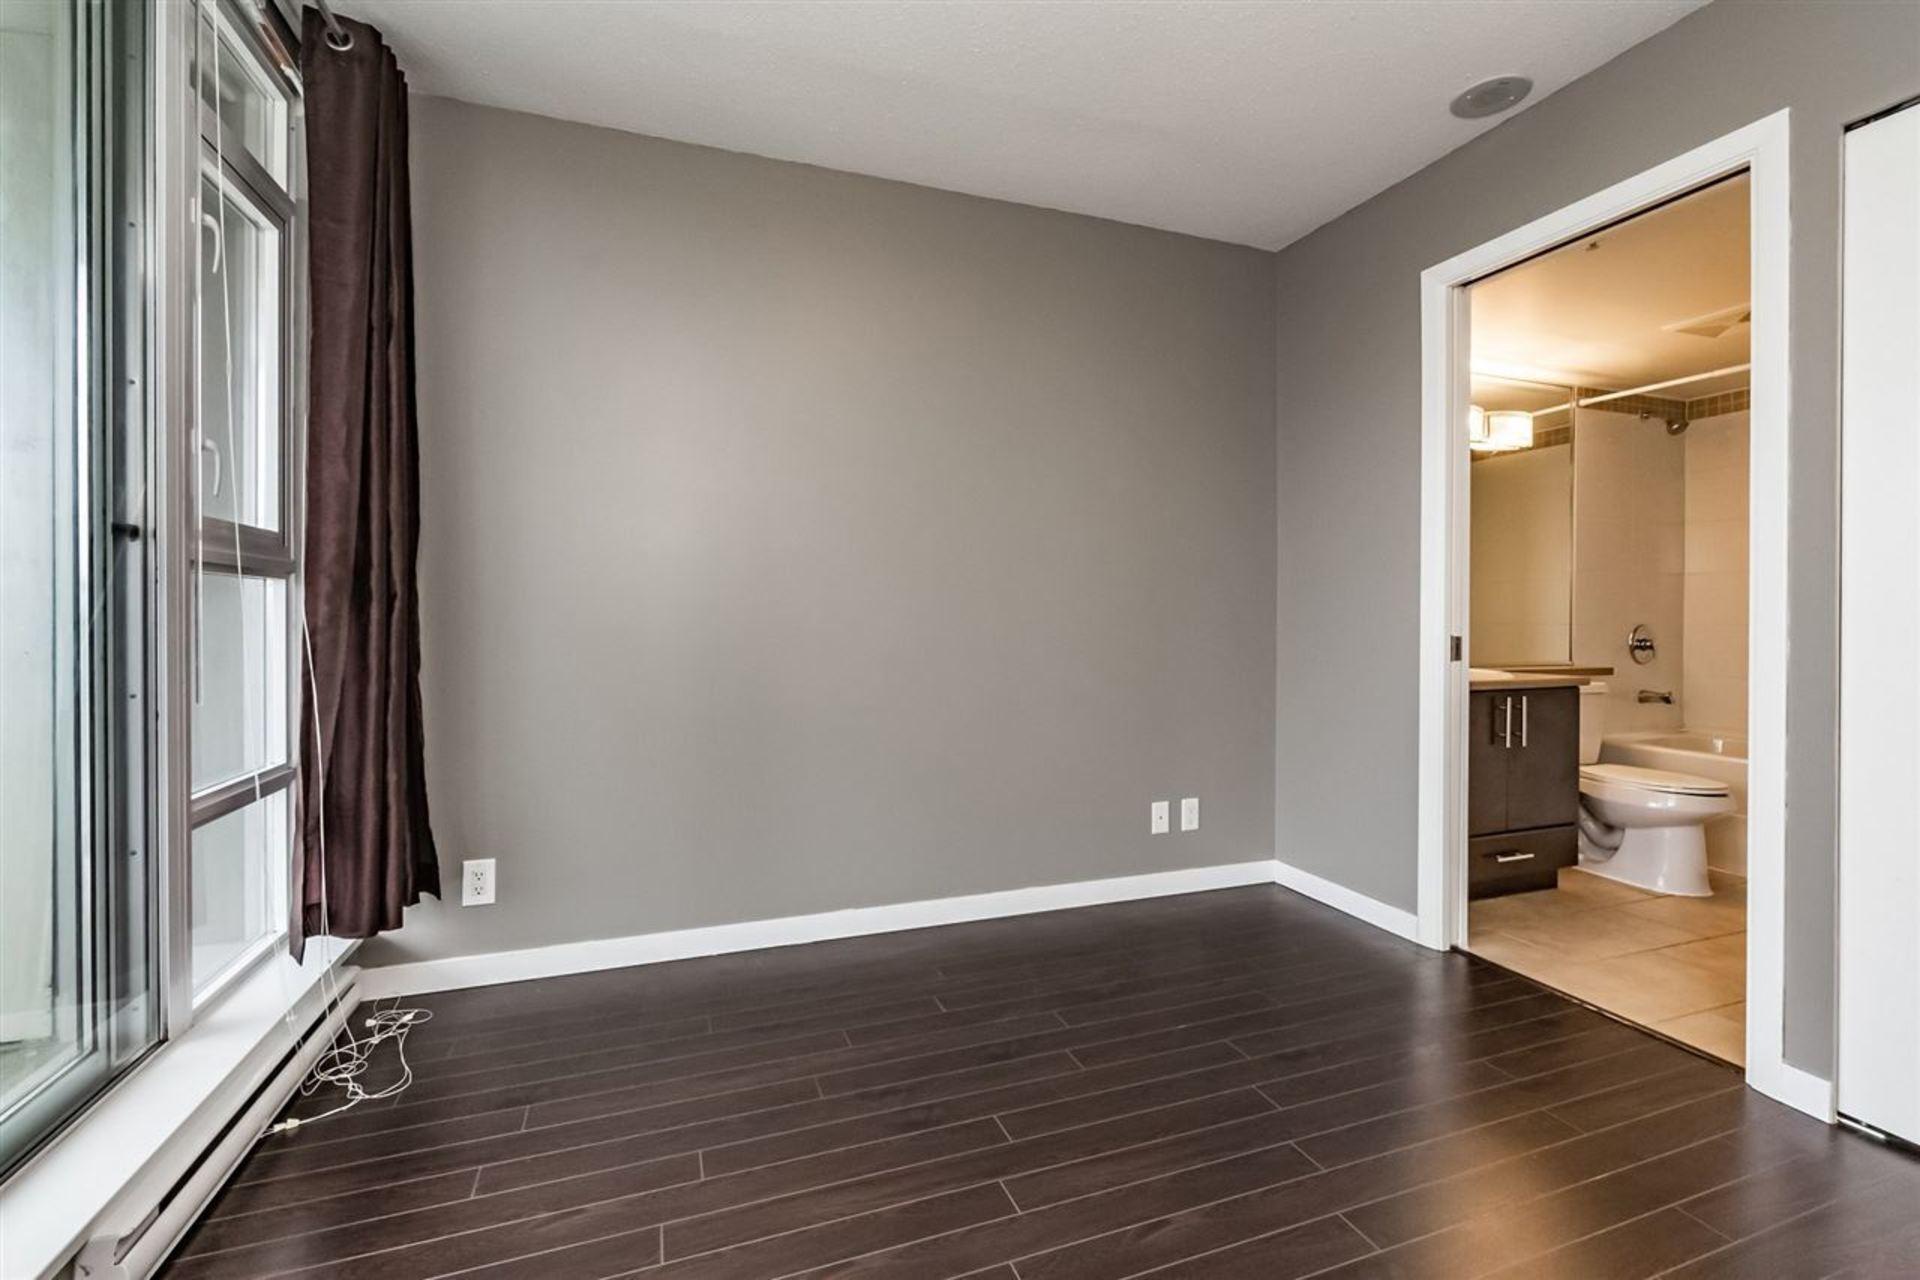 555-delestre-avenue-coquitlam-west-coquitlam-14 at 1005 - 555 Delestre Avenue, Coquitlam West, Coquitlam